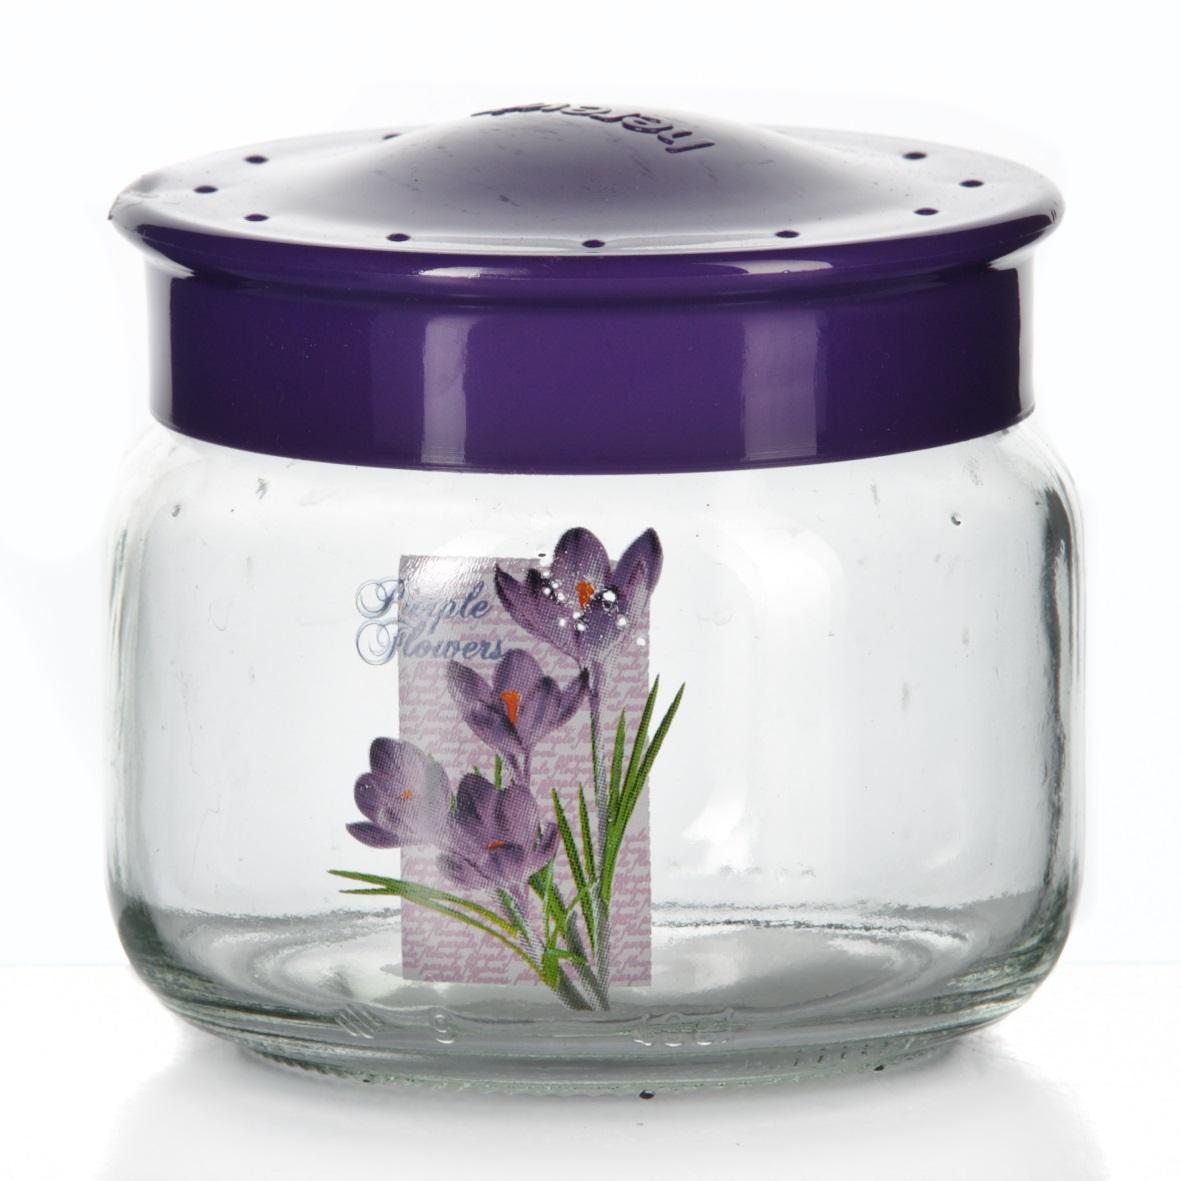 Банка для сыпучих продуктов Herevin, цвет: фиолетовый, 400 мл. 171016-000171016-000Банка для сыпучих продуктов Herevin, изготовленная из прочного стекла, декорирована изображением цветка. Банка оснащена плотно закрывающейся пластиковой крышкой. Благодаря этому внутри сохраняется герметичность, и продукты дольше остаются свежими. Изделие предназначено для хранения различных сыпучих продуктов: круп, чая, сахара, орехов и т.д. Функциональная и вместительная, такая банка станет незаменимым аксессуаром на любой кухне. Можно мыть в посудомоечной машине. Пластиковые части рекомендуется мыть вручную. Объем: 400 мл. Диаметр (по верхнему краю): 7,5 см. Высота банки (без учета крышки): 8 см.